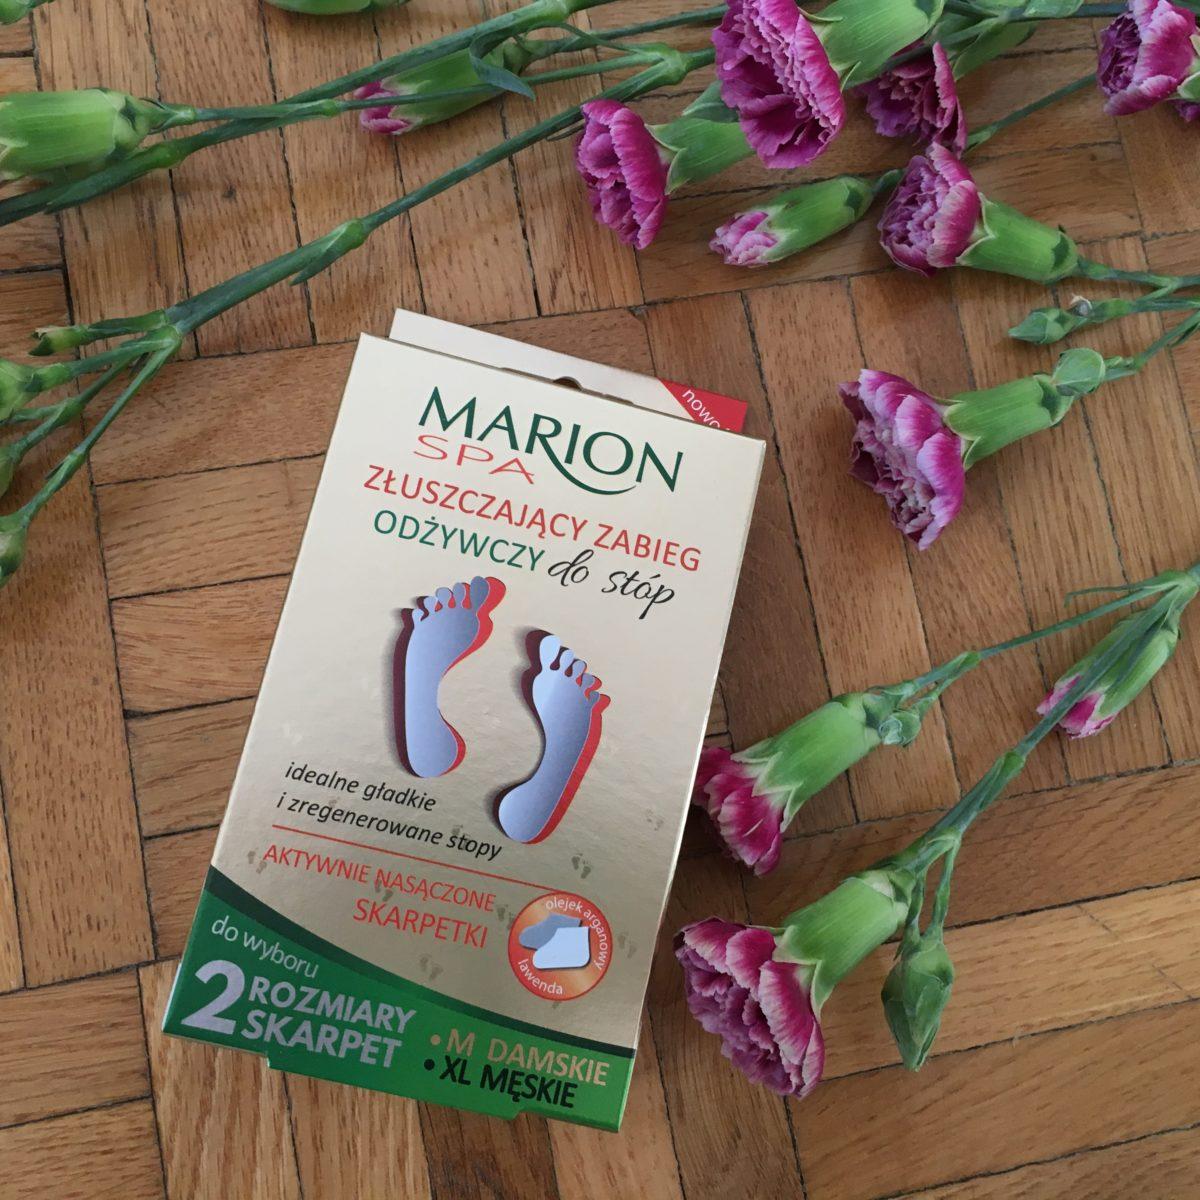 Marion skarpetki złuszczający zabieg